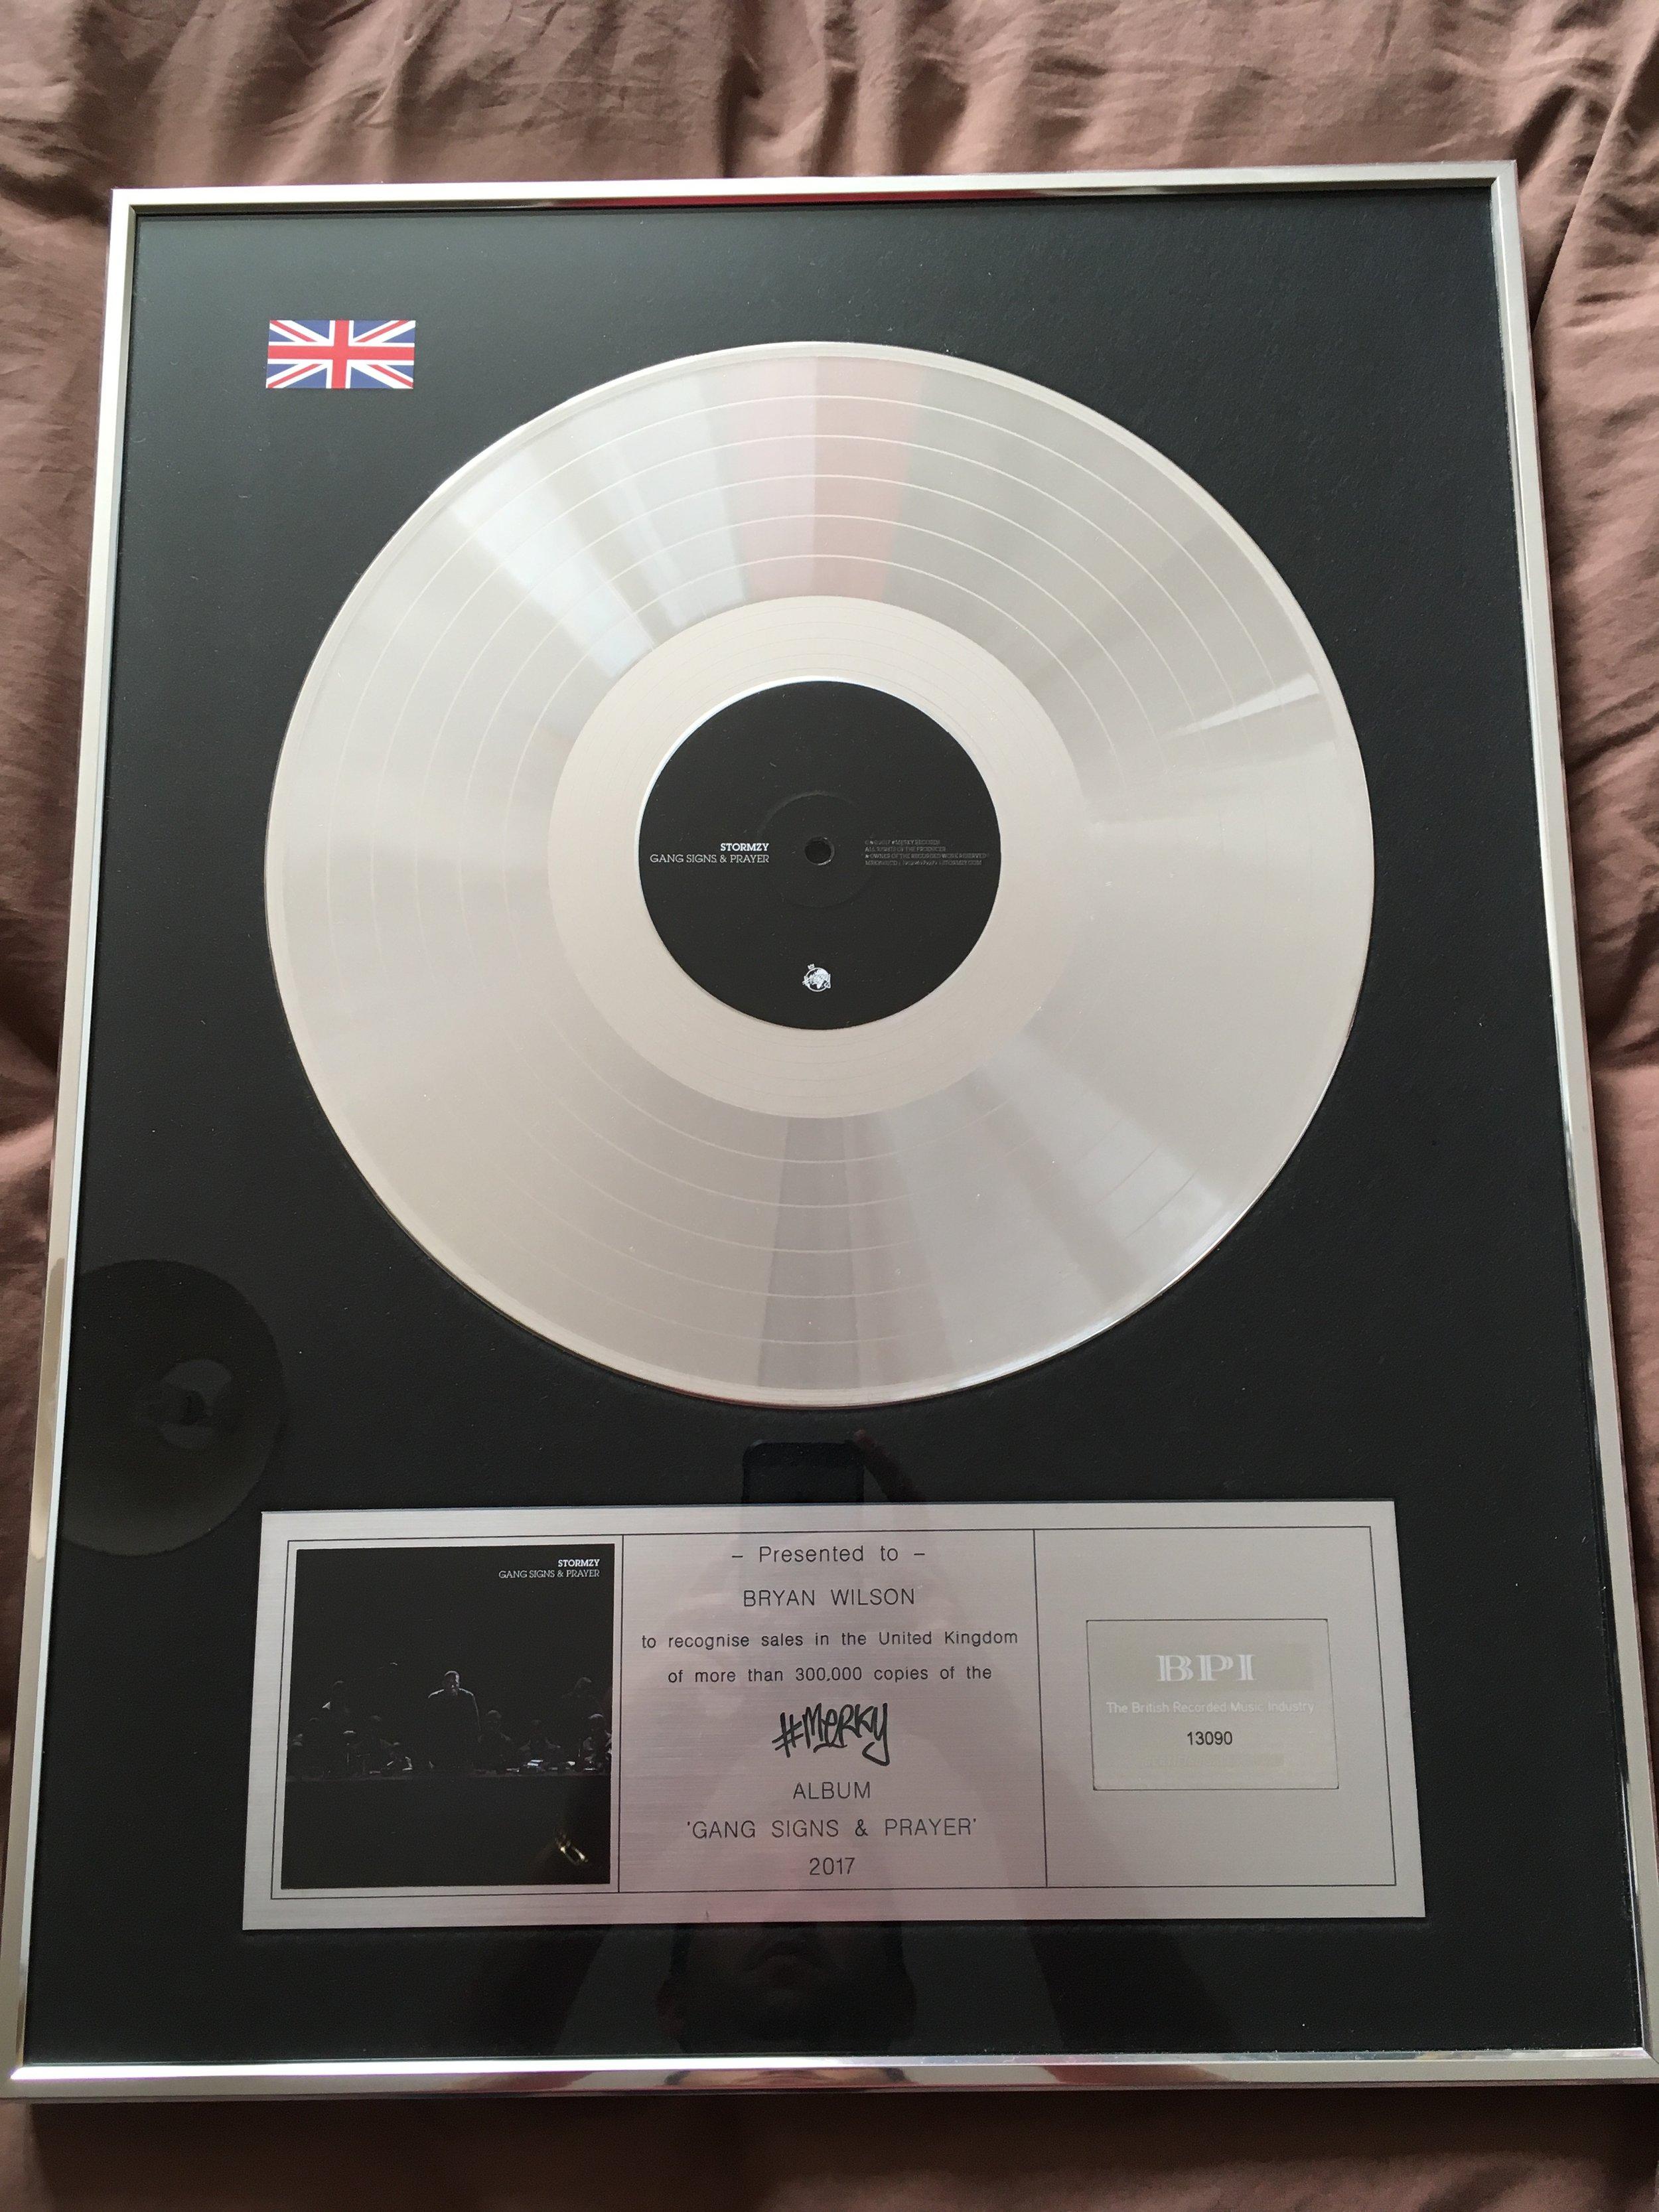 Platinum Certification